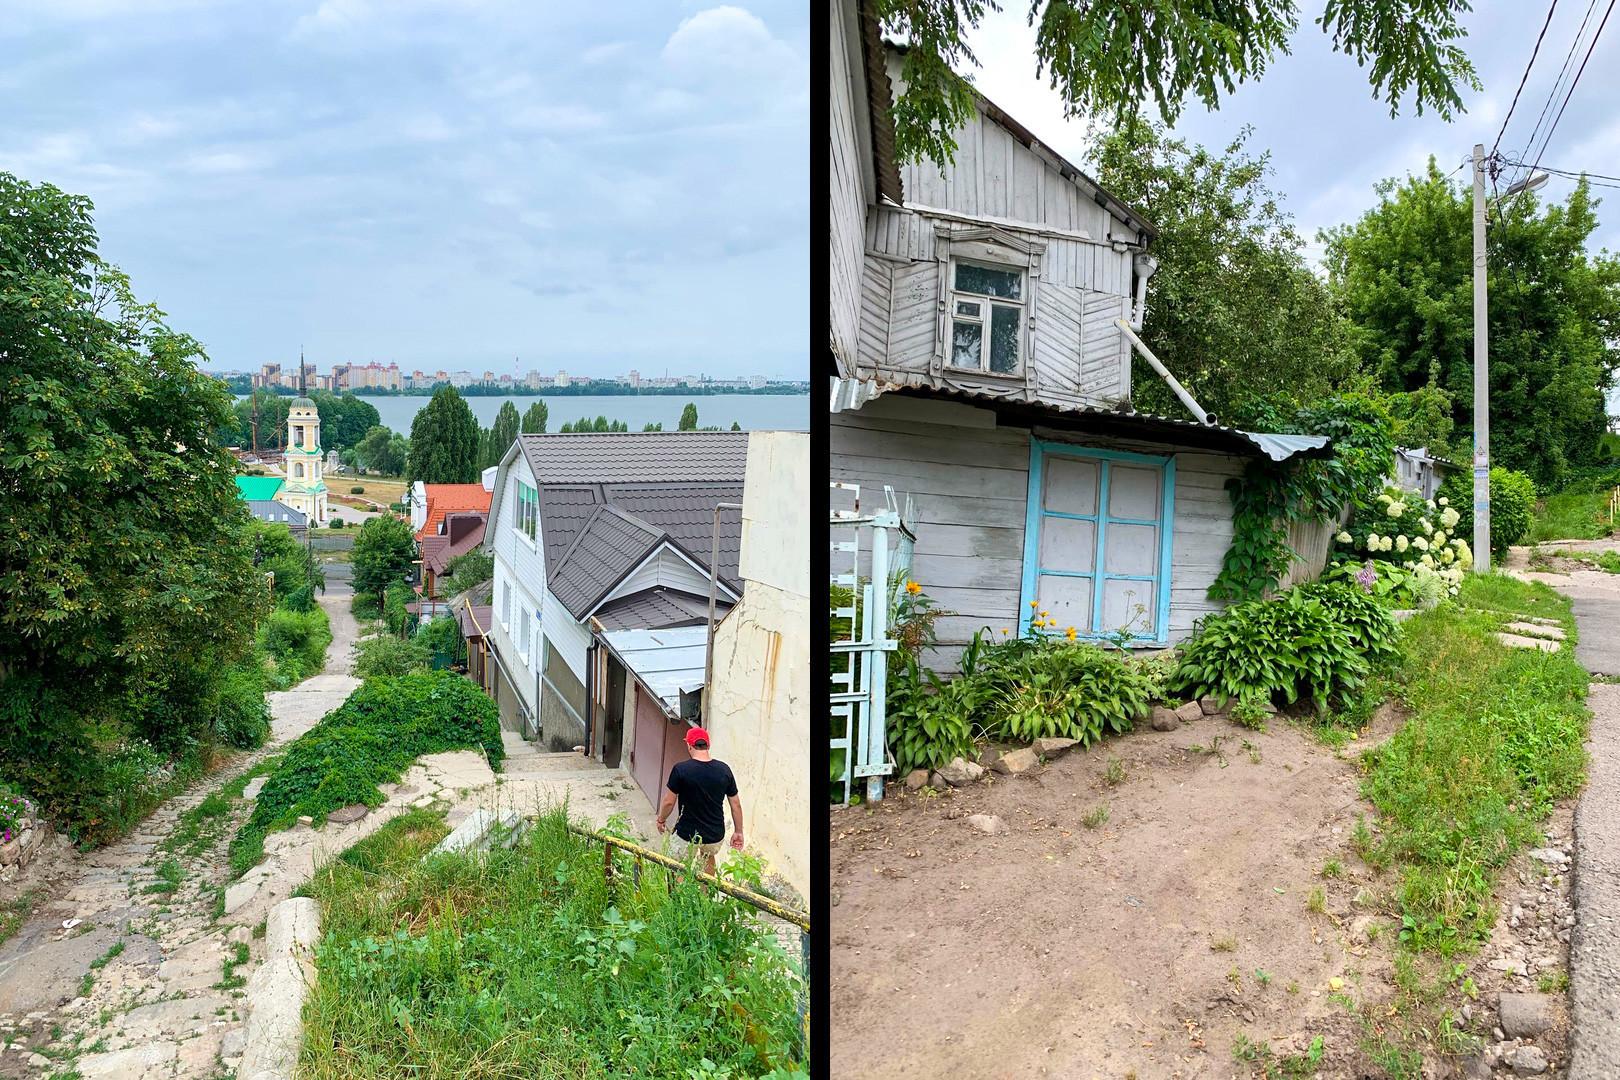 Ulice, ki se spuščajo do reke Voronež